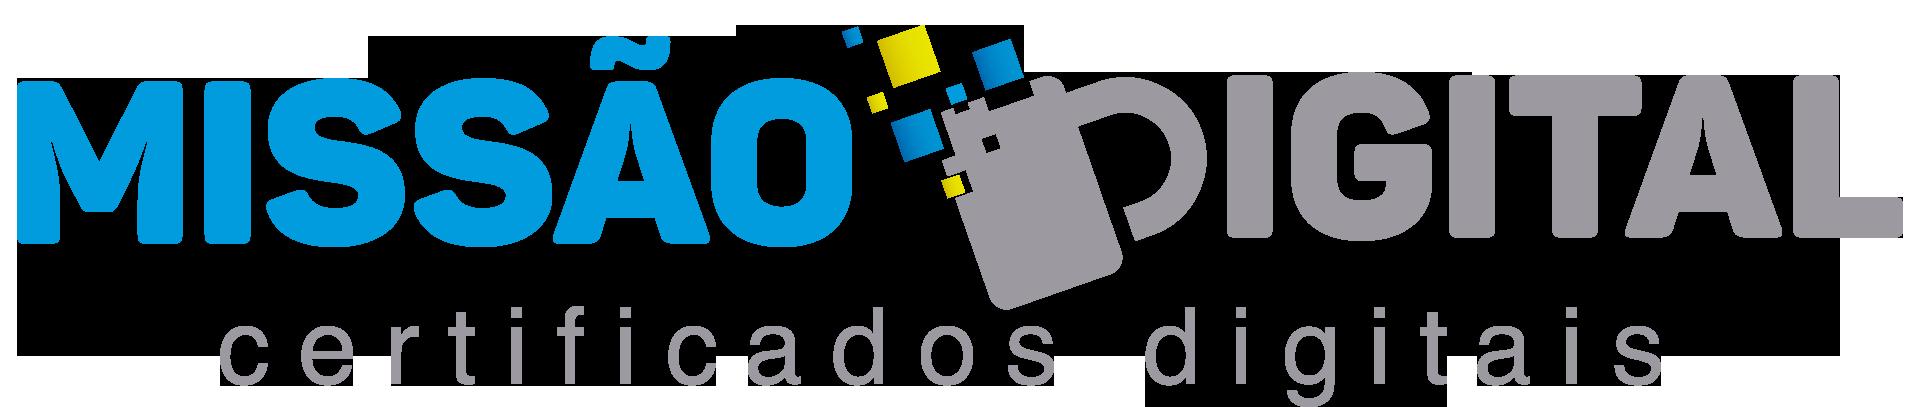 logo-missao-digital-v2